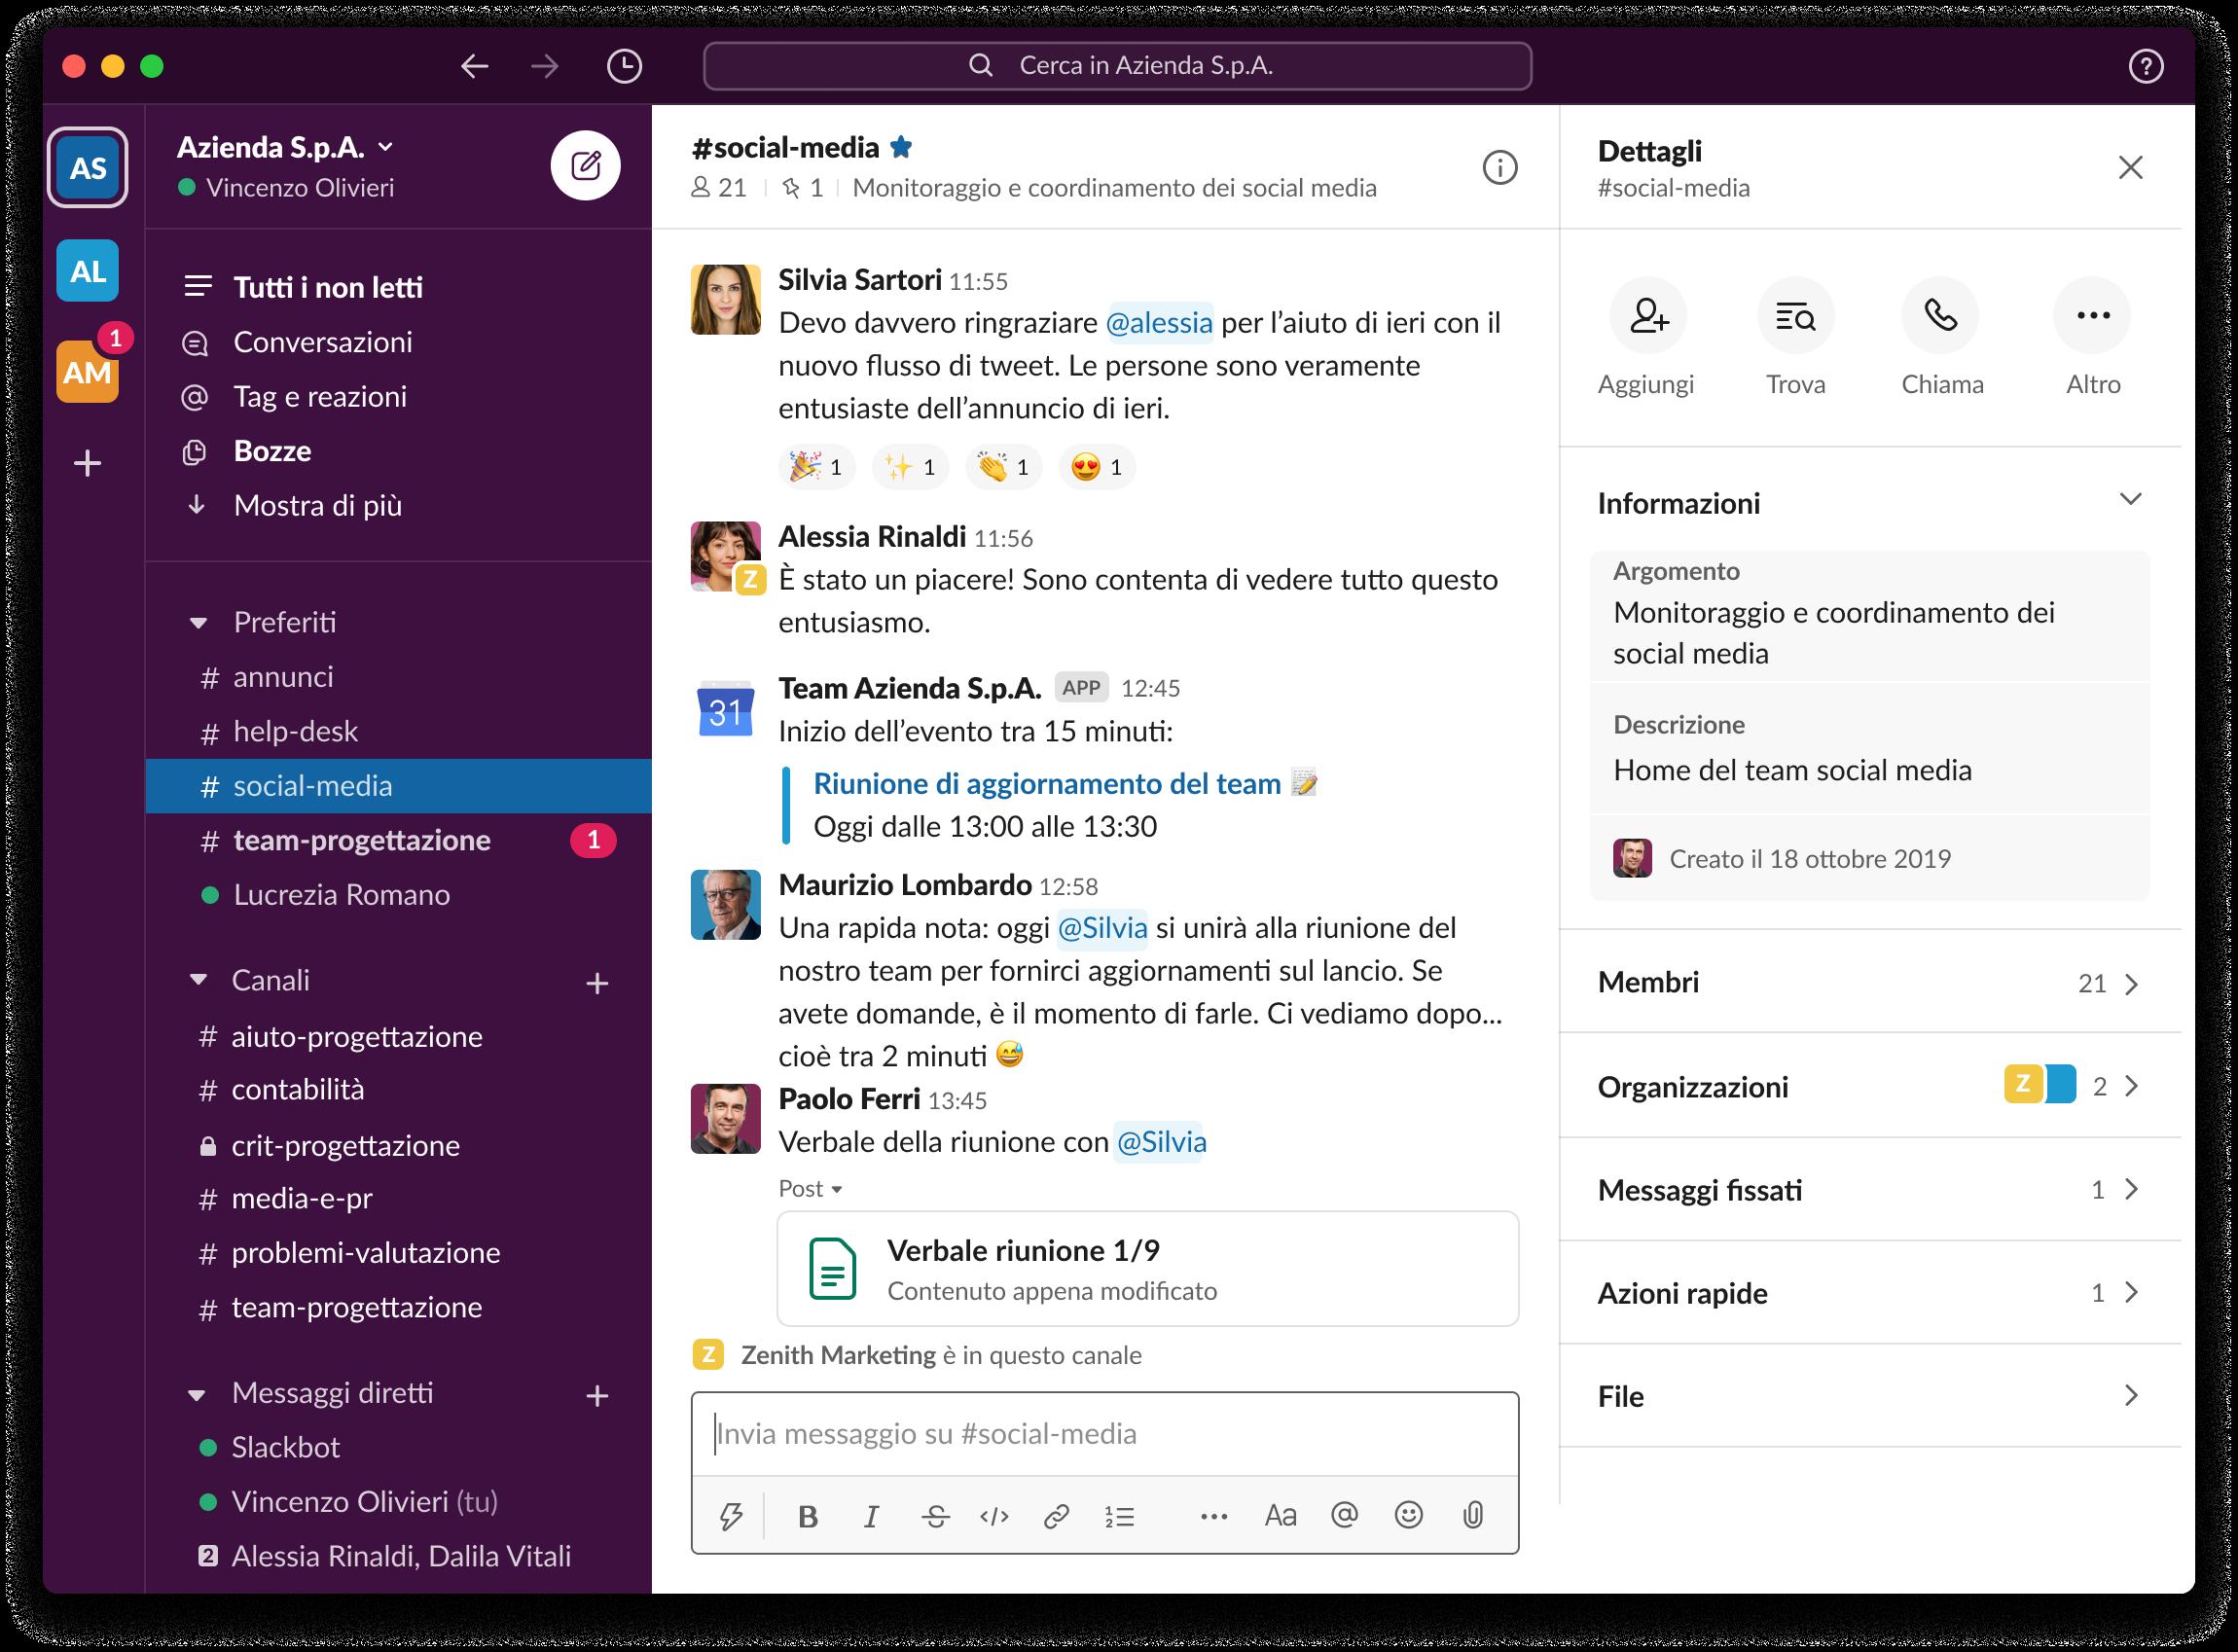 Slack desktop app shown in Italian